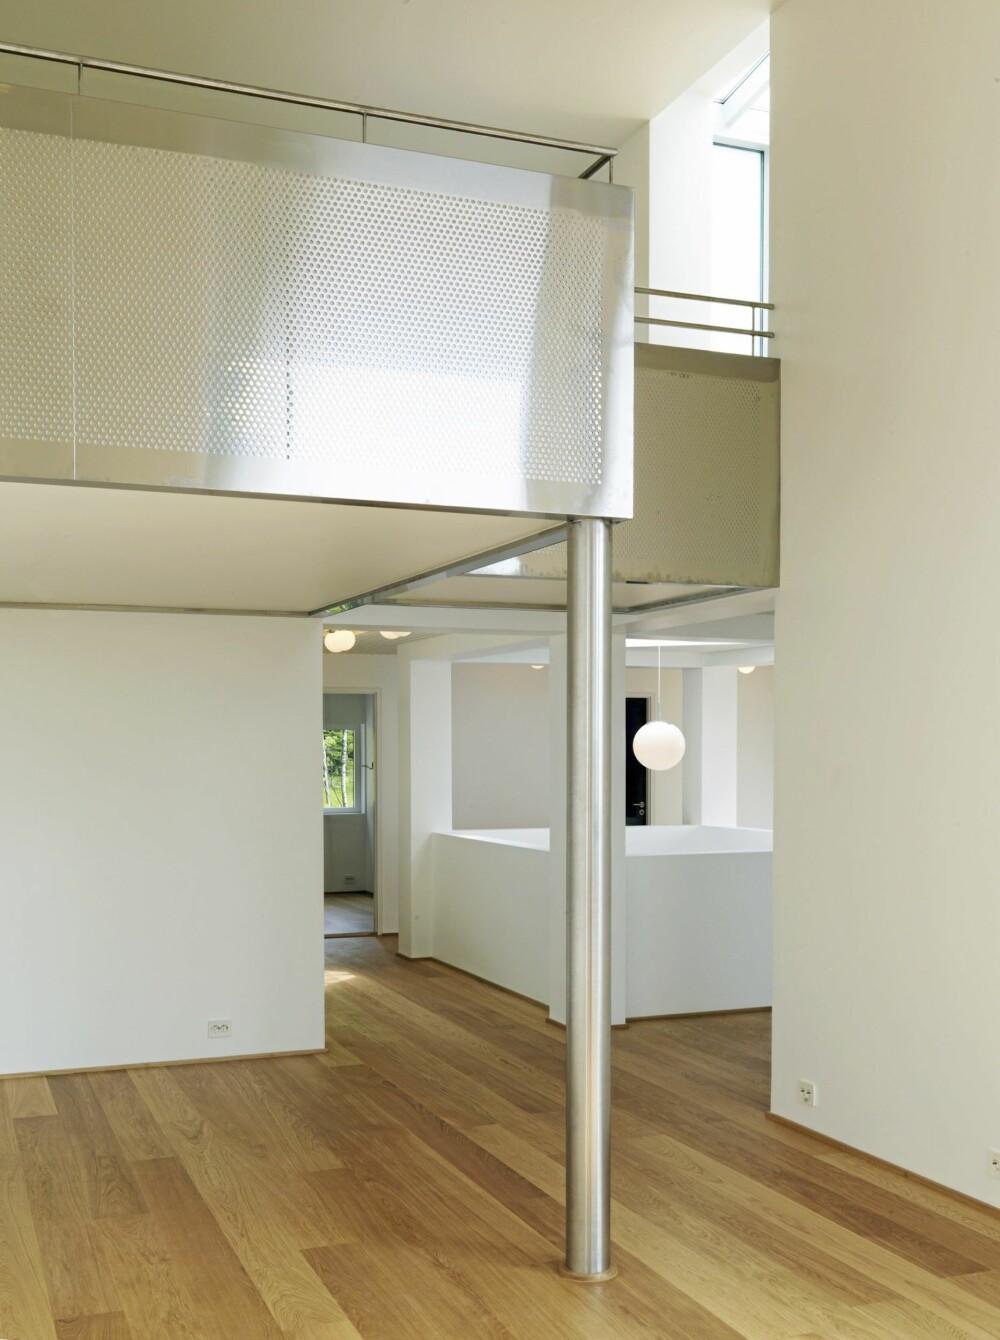 FLERE ROM I HØYDEN: Her ser du stuen med mezzanin. I bakgrunnen sentralrommet som går over flere etasjer.